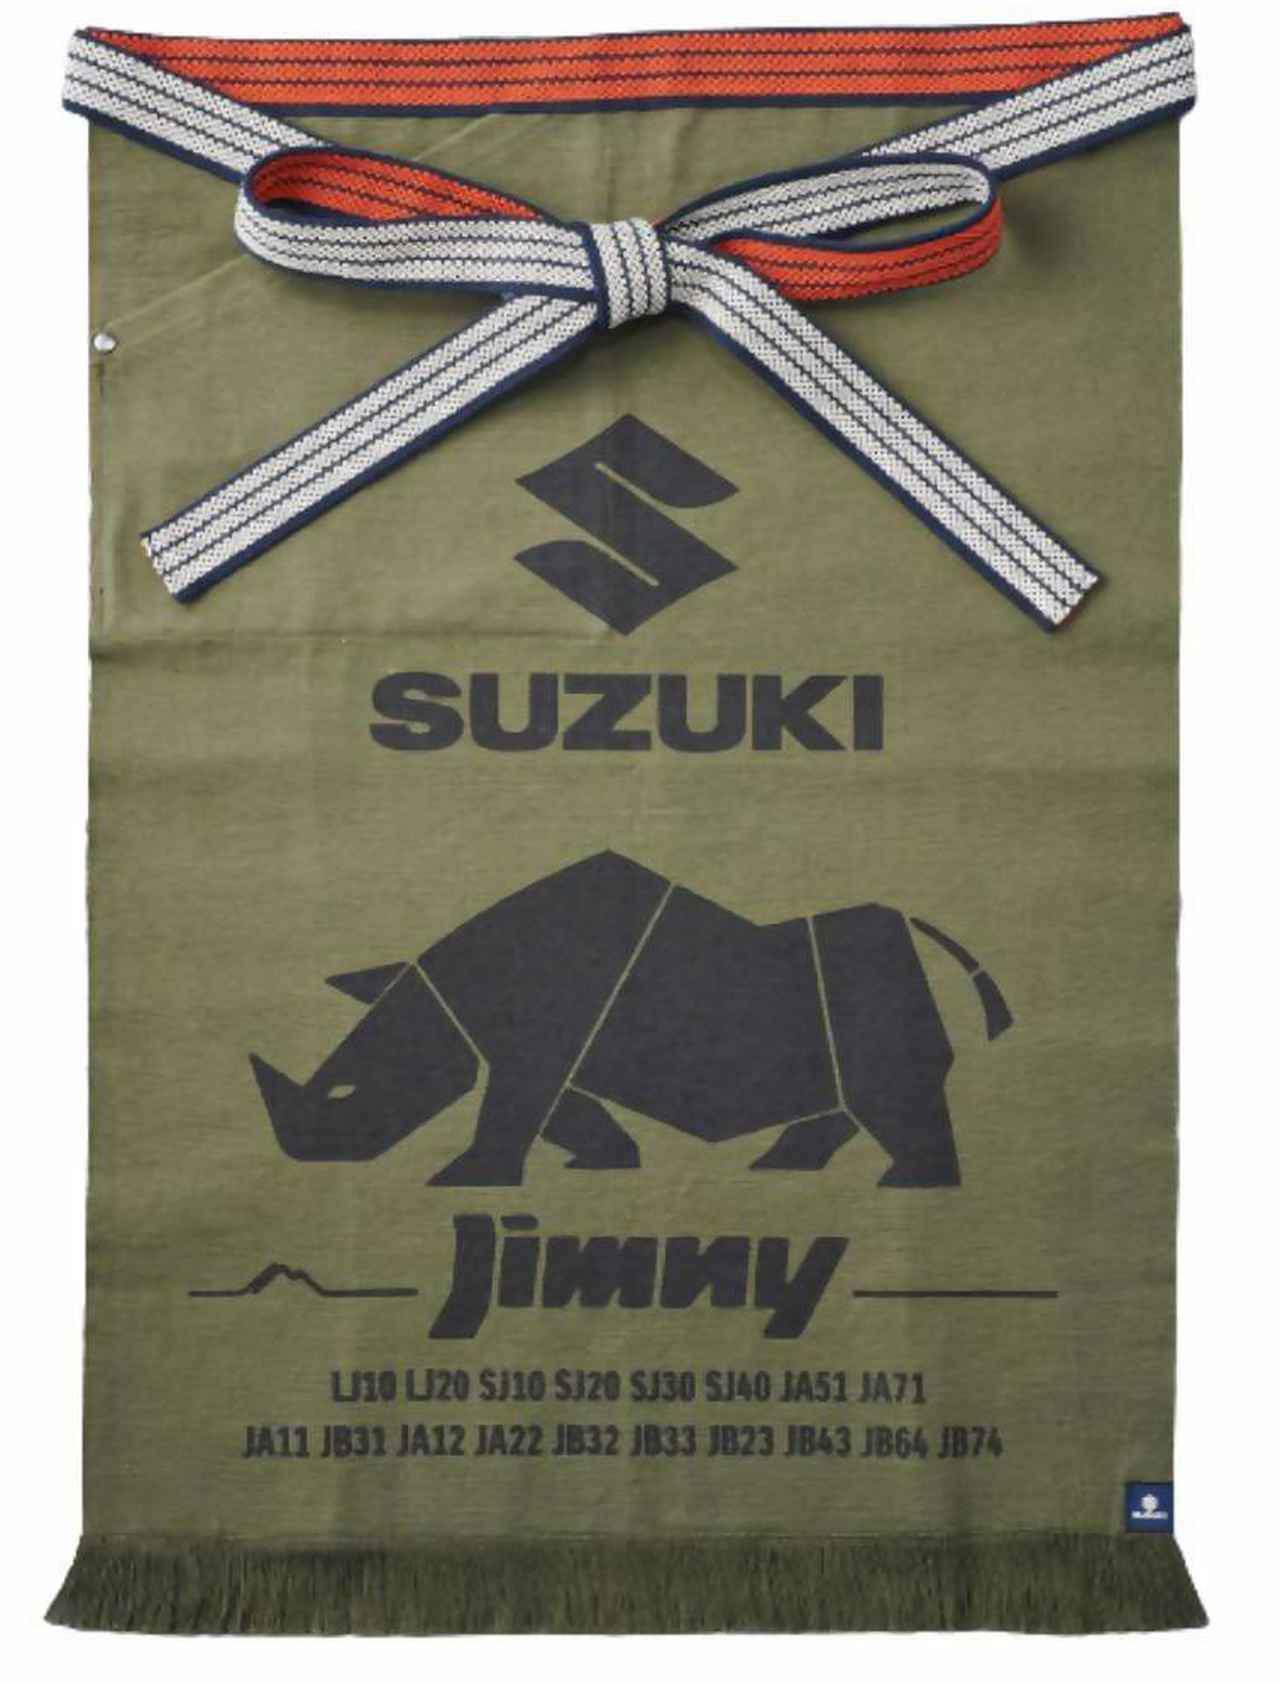 画像: 「鈴木式織機製 前掛け JIMNY」8,030円(消費税10%込み)